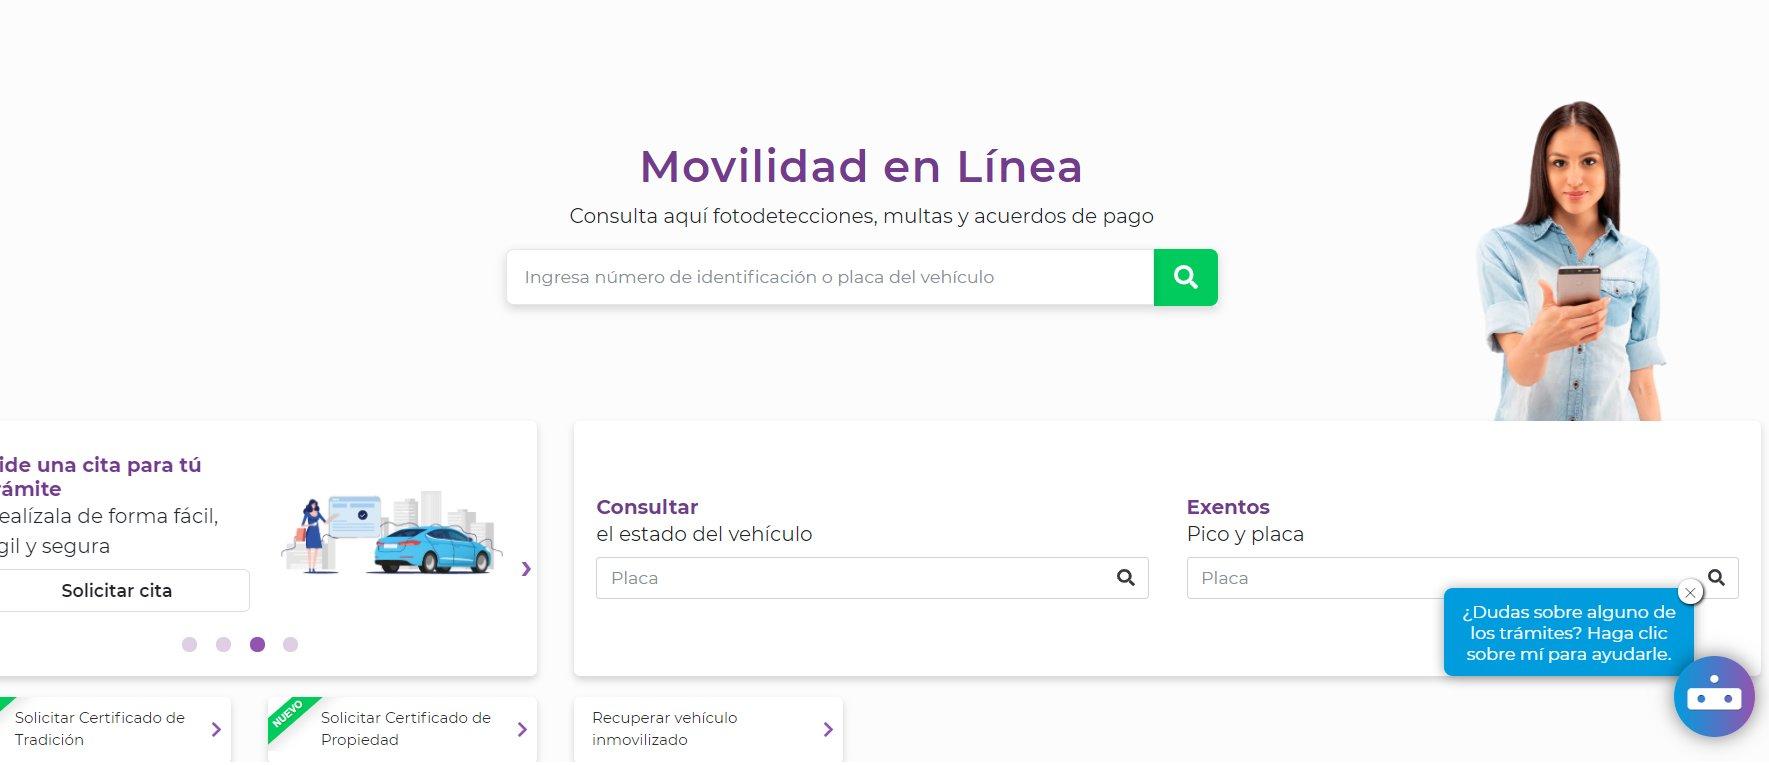 17.800 gestiones se han realizado a través de la plataforma Movilidad en Línea